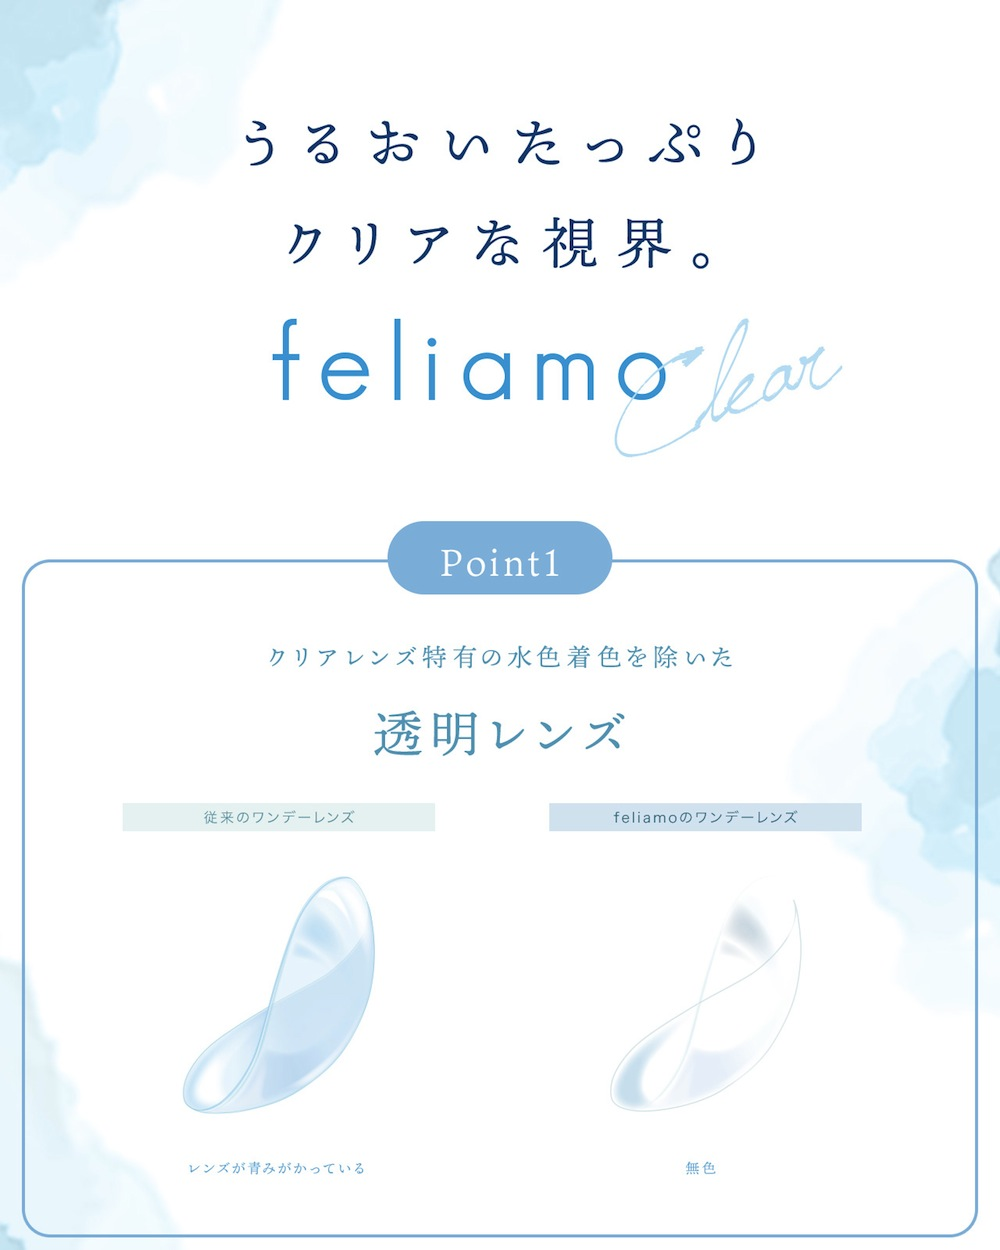 白石麻衣イメージモデル・コンタクトレンズブランド『feliamo(フェリアモ)』から登場の『feliamo Clear(フェリアモ クリア)』